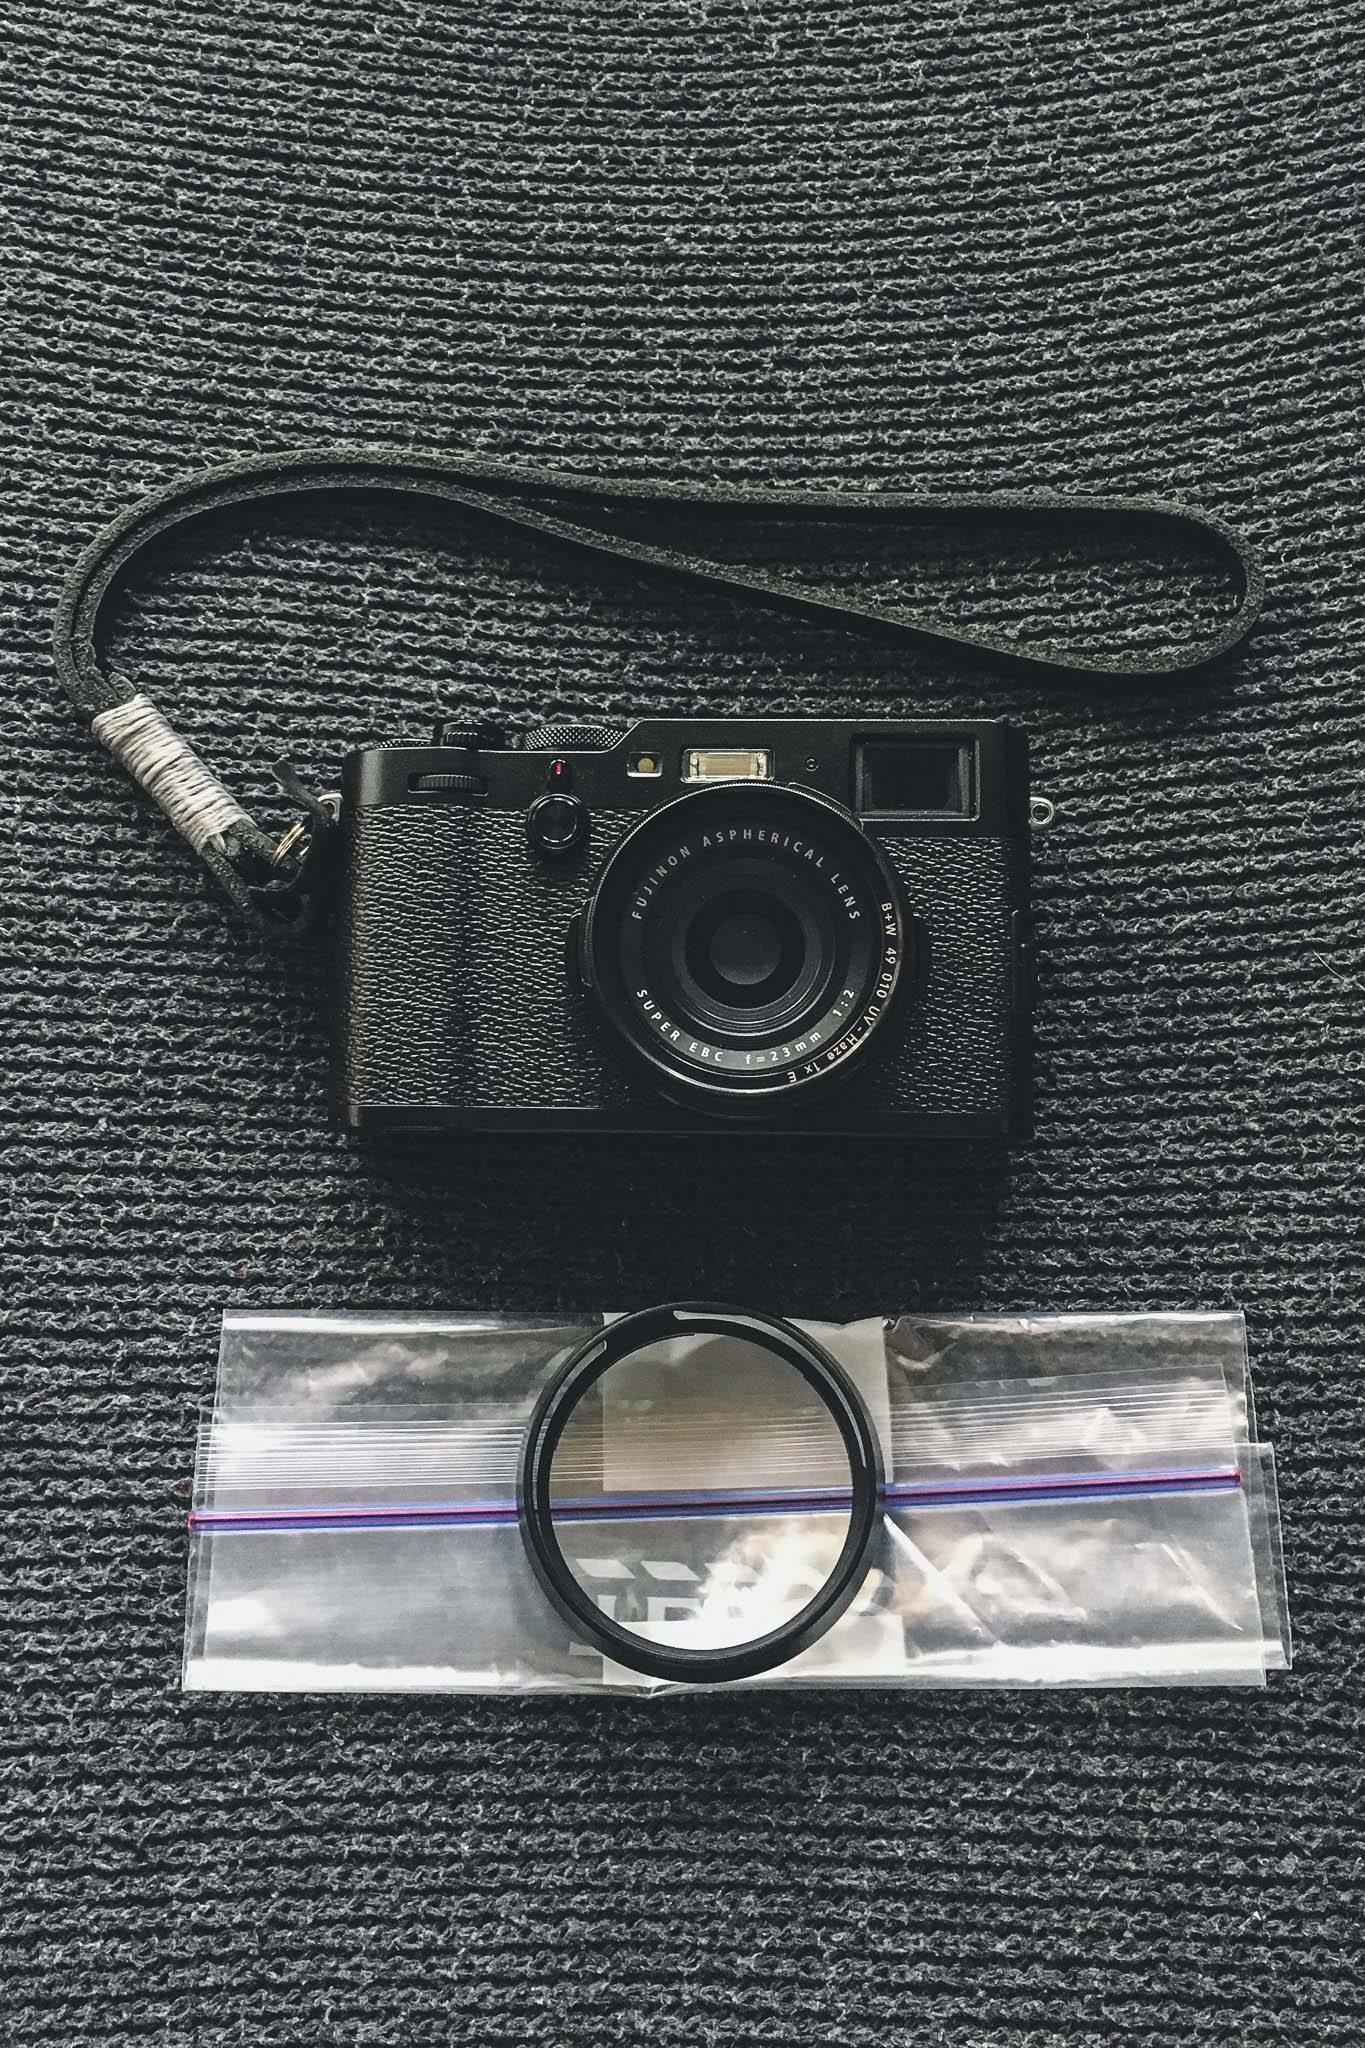 Fujifilm X100F Weatherproof Hack – Loïc Magnien Street Photography